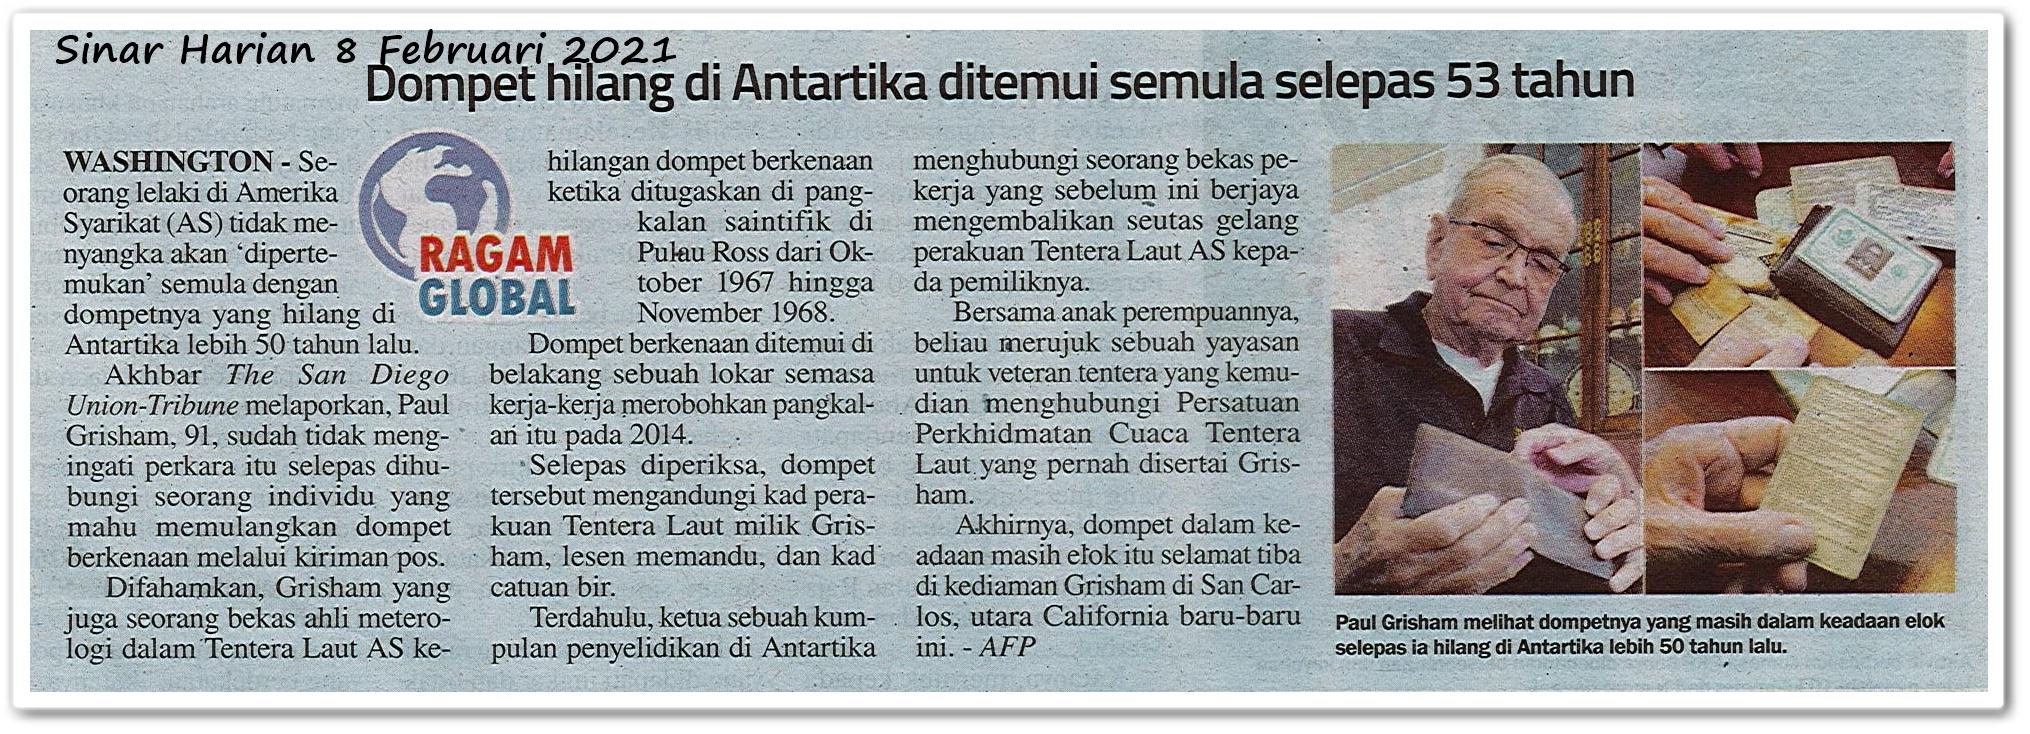 Dompet hilang di Antartika ditemui semula selepas 53 tahun - Keratan akhbar Sinar Harian 8 Februari 2021